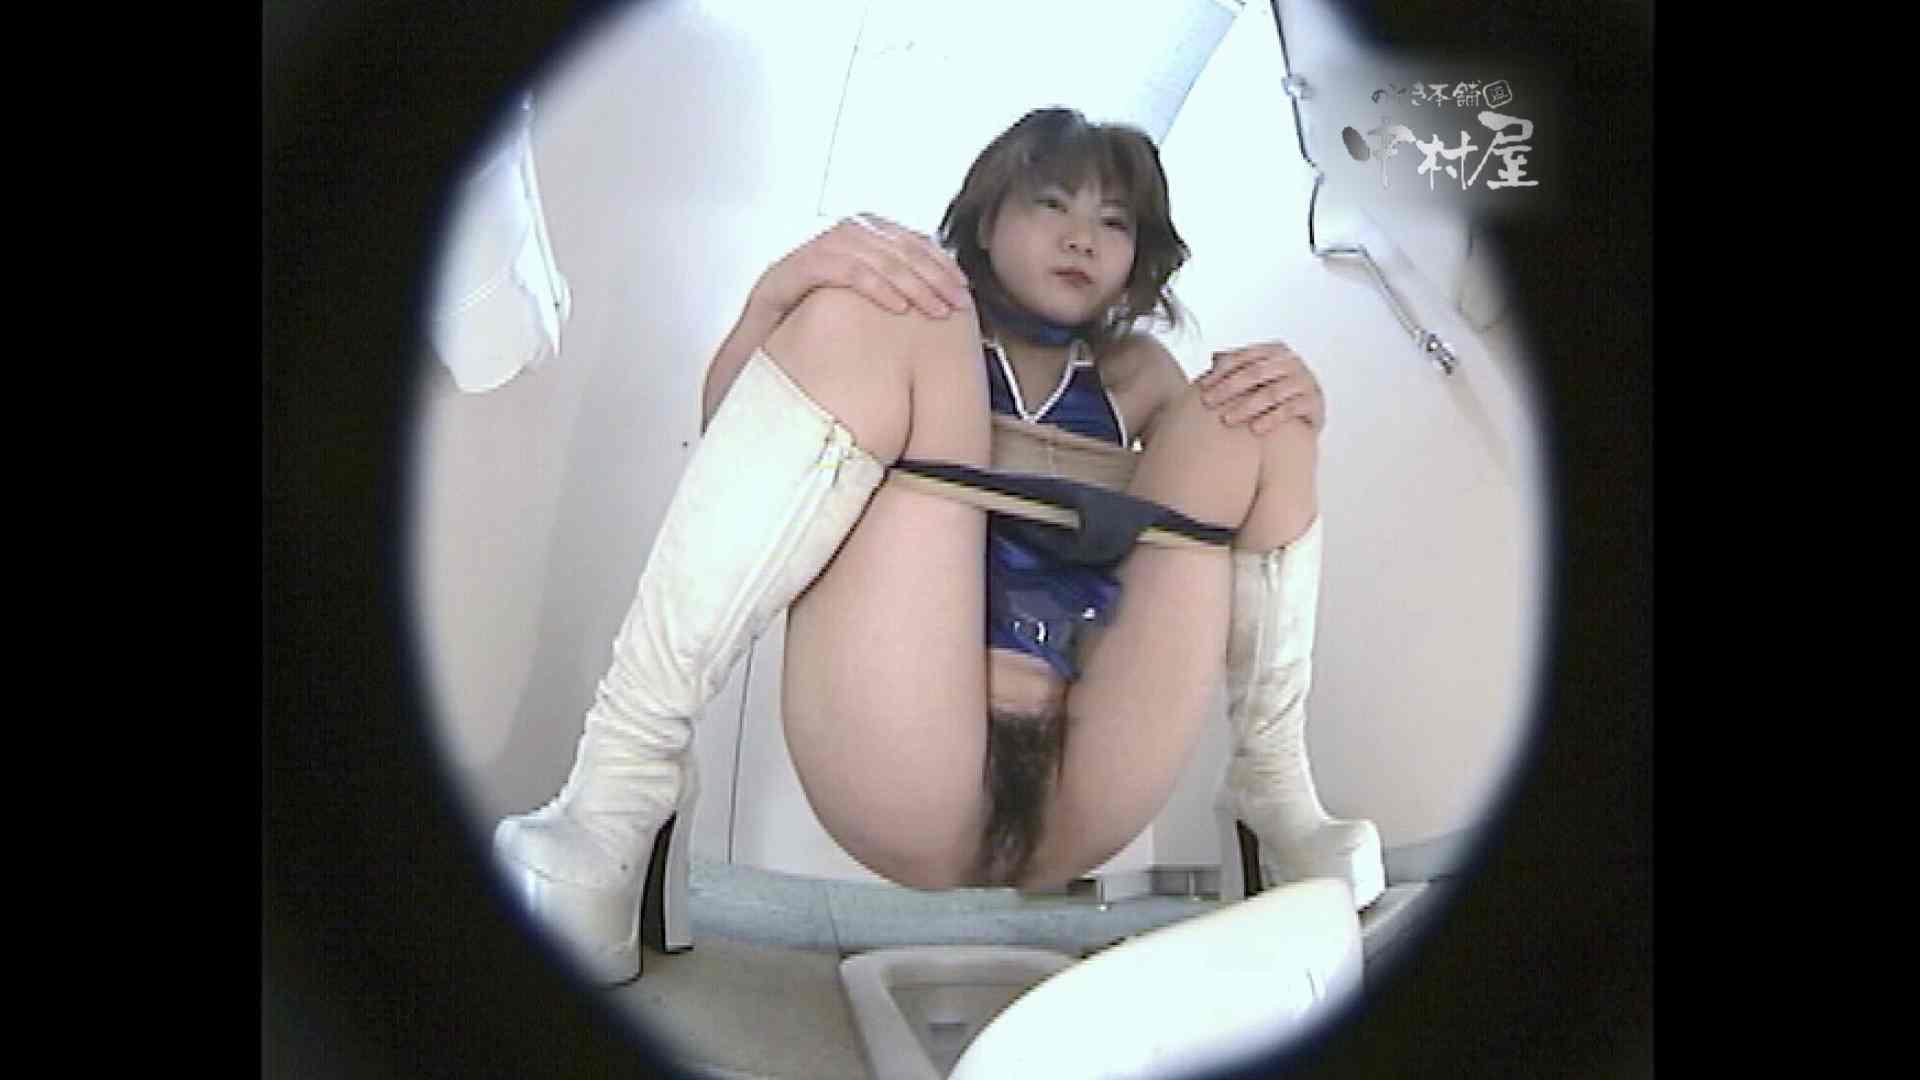 レースクィーントイレ盗撮!Vol.23 肛門流出 覗きおまんこ画像 52連発 18